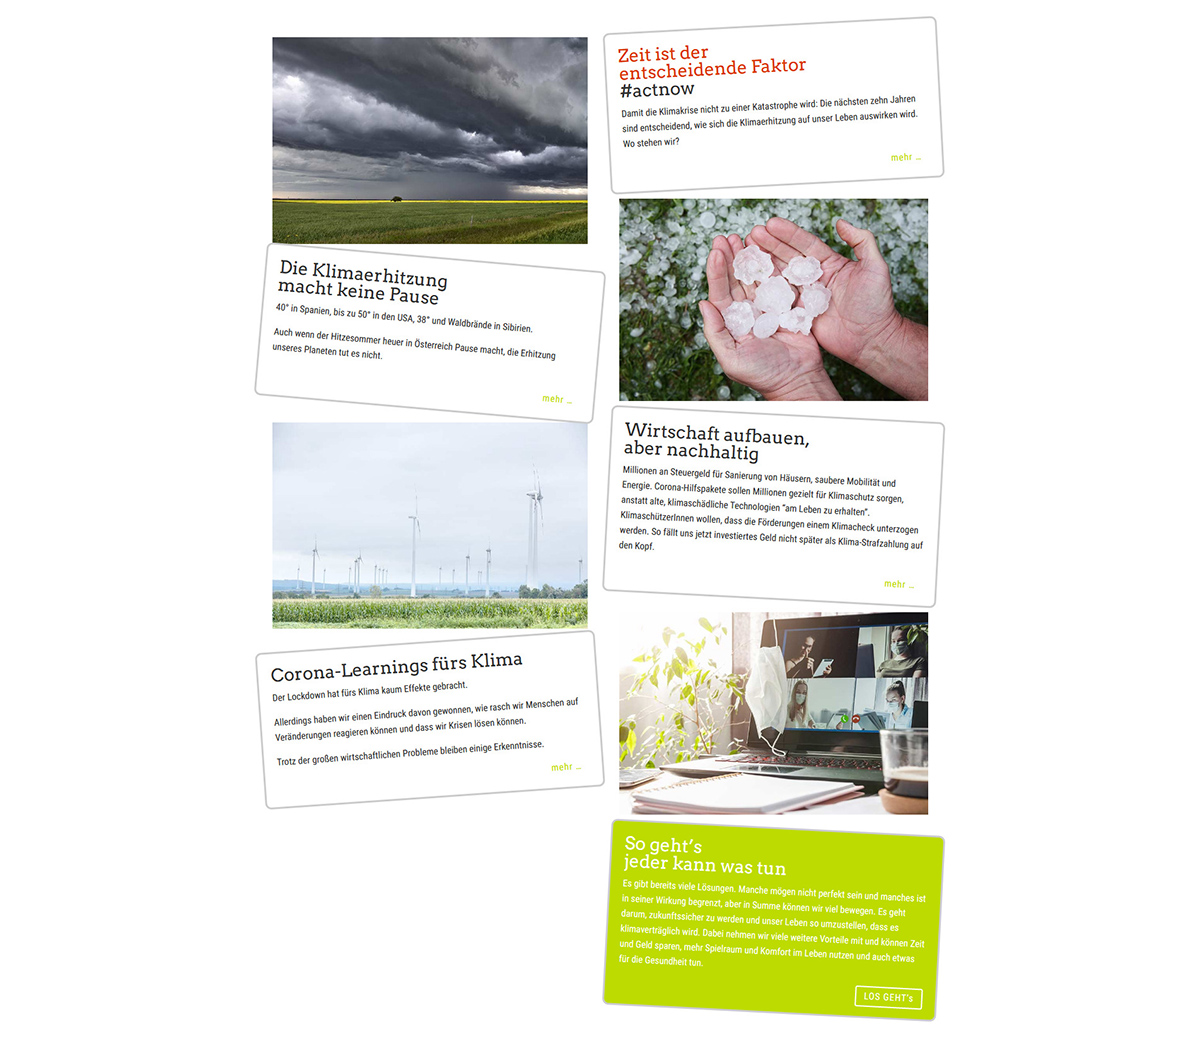 mutter-erde-klimakrise-schwerpunkt-2020-iservice-agentur-wien